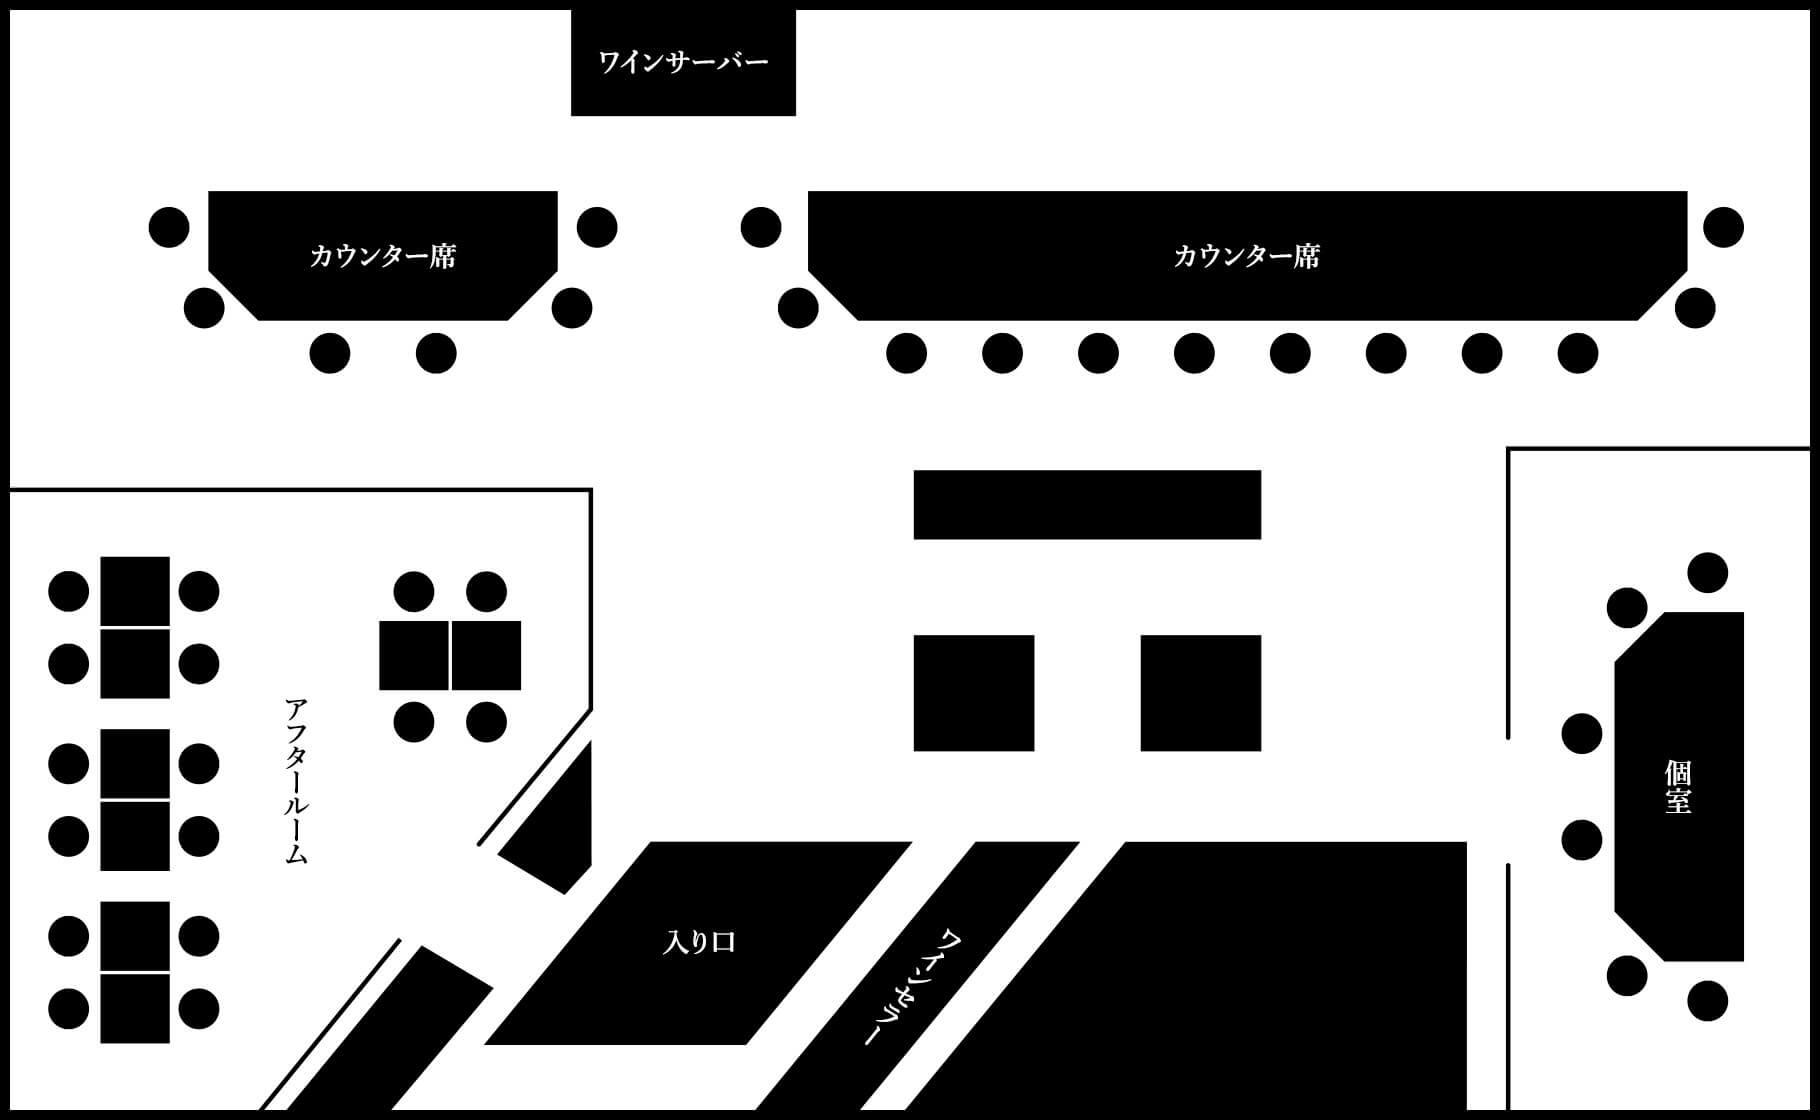 鉄板焼 RURIの店内図